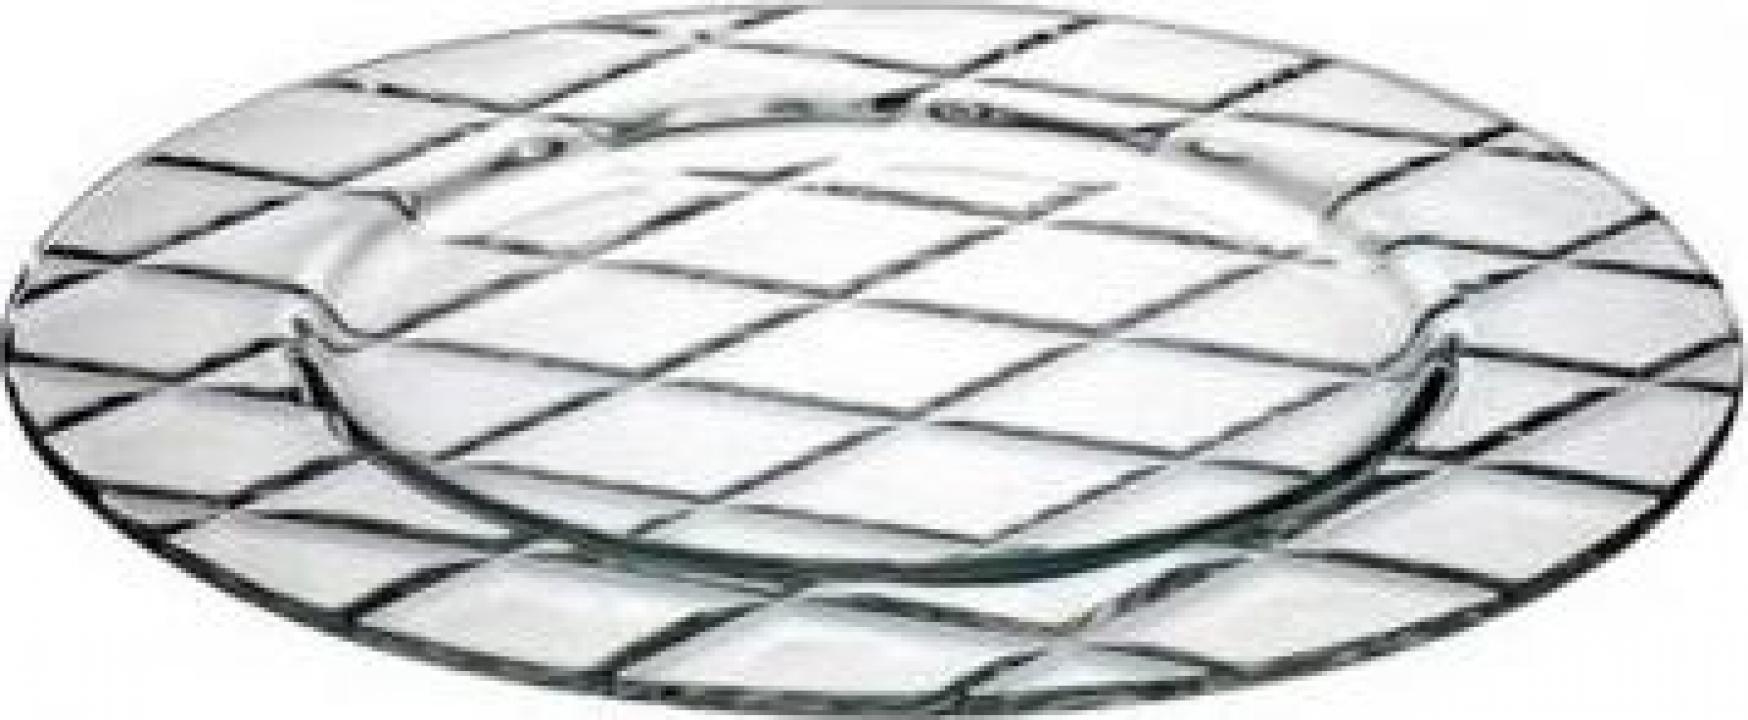 Farfurie intinsa din sticla temperata Vidivil Concerto 32cm